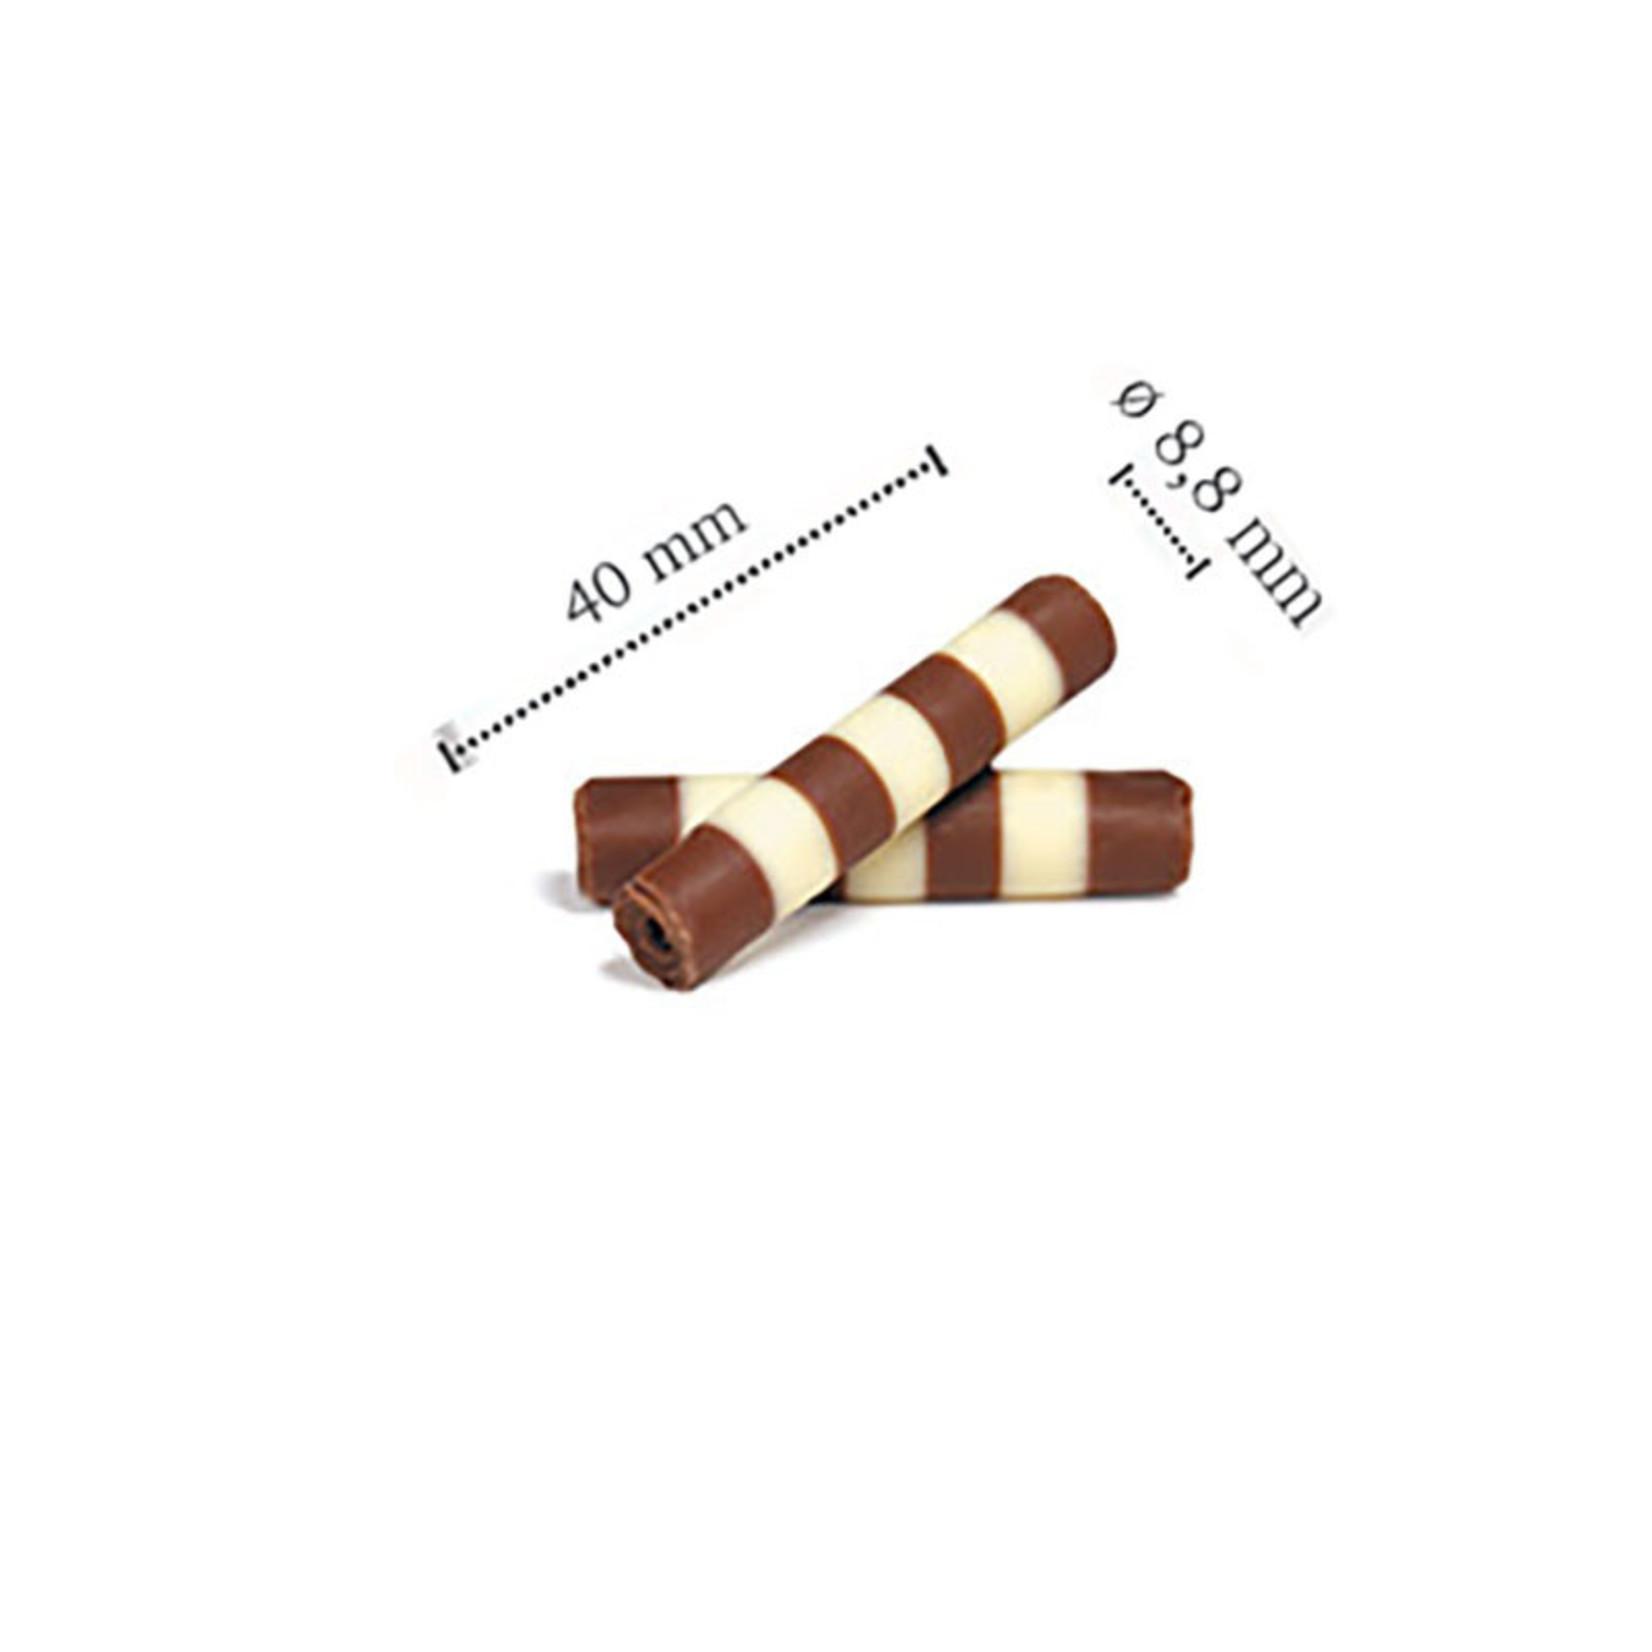 Dobla Dobla - Milk/White Chocolate Mistral Duo - 1.5x0.4'' (9.9oz), 42167-R